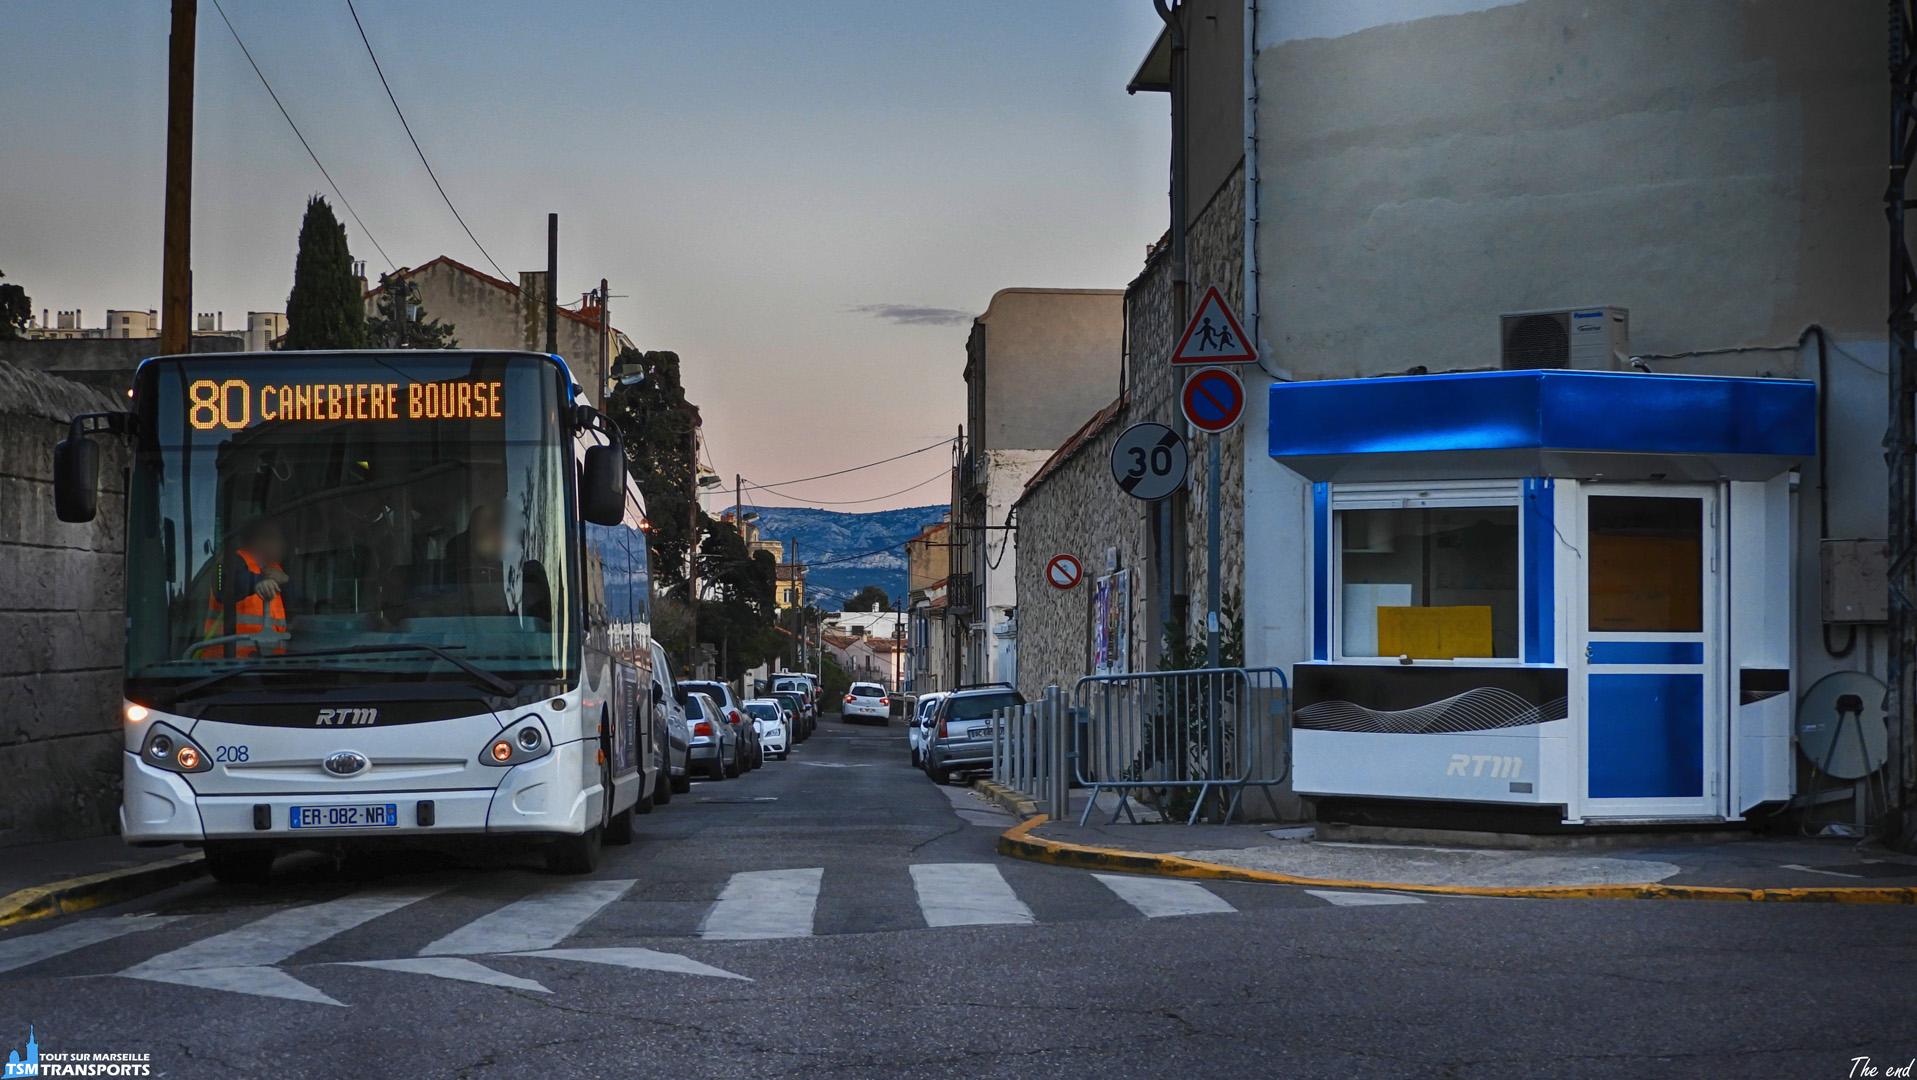 Fin de journée sur le quartier d'Endoume, les GX127, aujourd'hui disparus, continuent toujours leurs rotations au terminus, manœuvre obligatoire pour se garer et repartir dans le sens opposé. . C'est avec encore quelques rayons de soleil que ce GX127 est immortalisé sur sa zone de parking. . ℹ️ Heuliez Bus GX 127 RTM n°208. . 📍 Intersection Rue Pierre Mouren / Rue d'Endoume, 7eme arrondissement de Marseille. . ↔️ 80 : Eglise d'Endoume - Canebière Bourse (Ancien itinéraire). . 🕒 Véhicule déjà spot, retrouvez le avec le #rtm208 . 📸 Nikon B700. . 📅 26 Mars 2018.